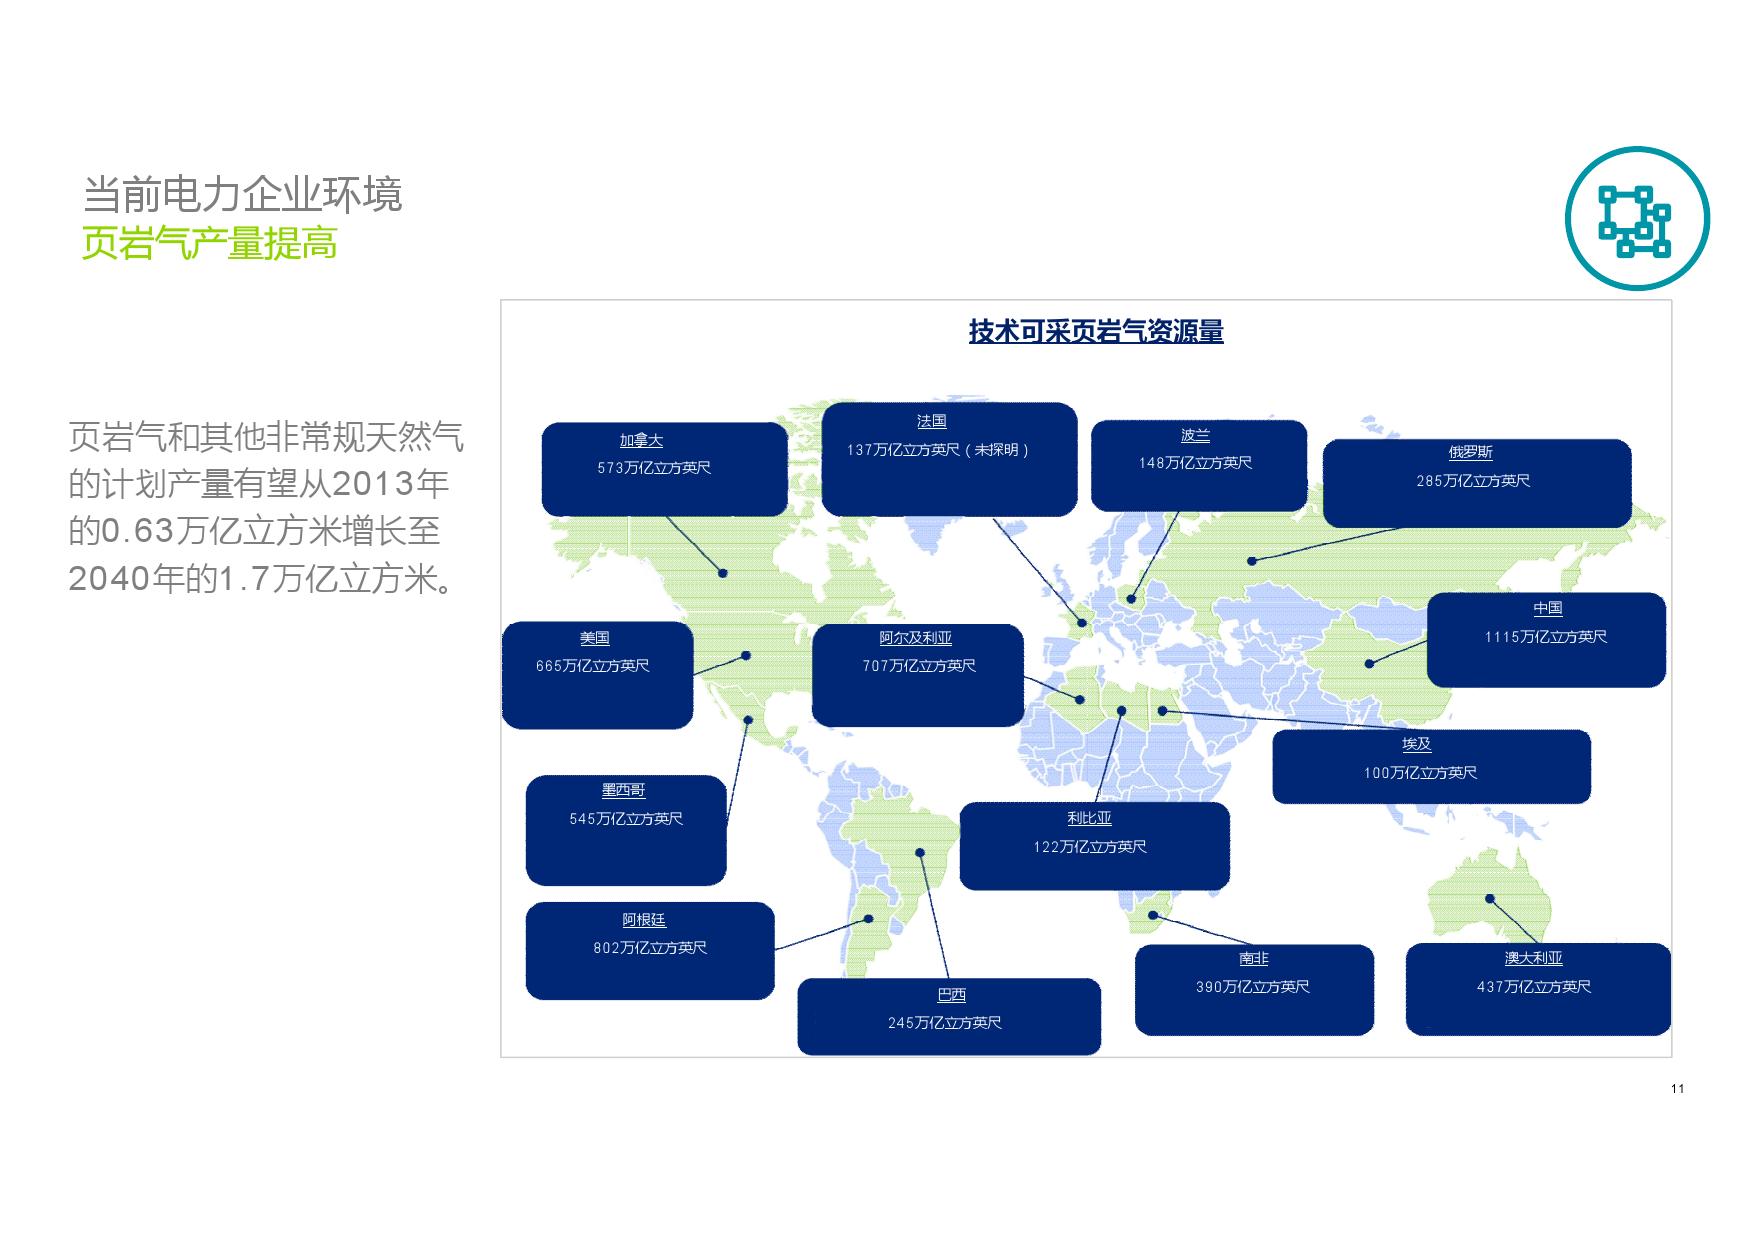 德勤:2016全球电力行业未来发展报告_000011